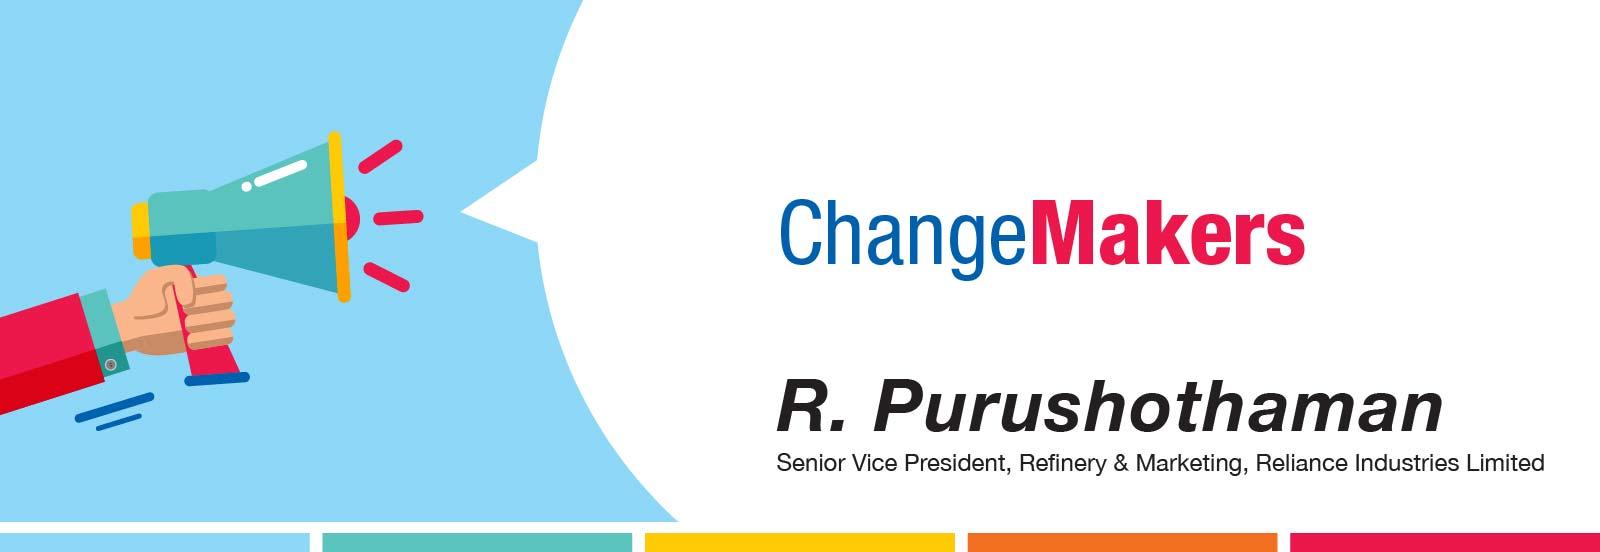 R. Purushothaman